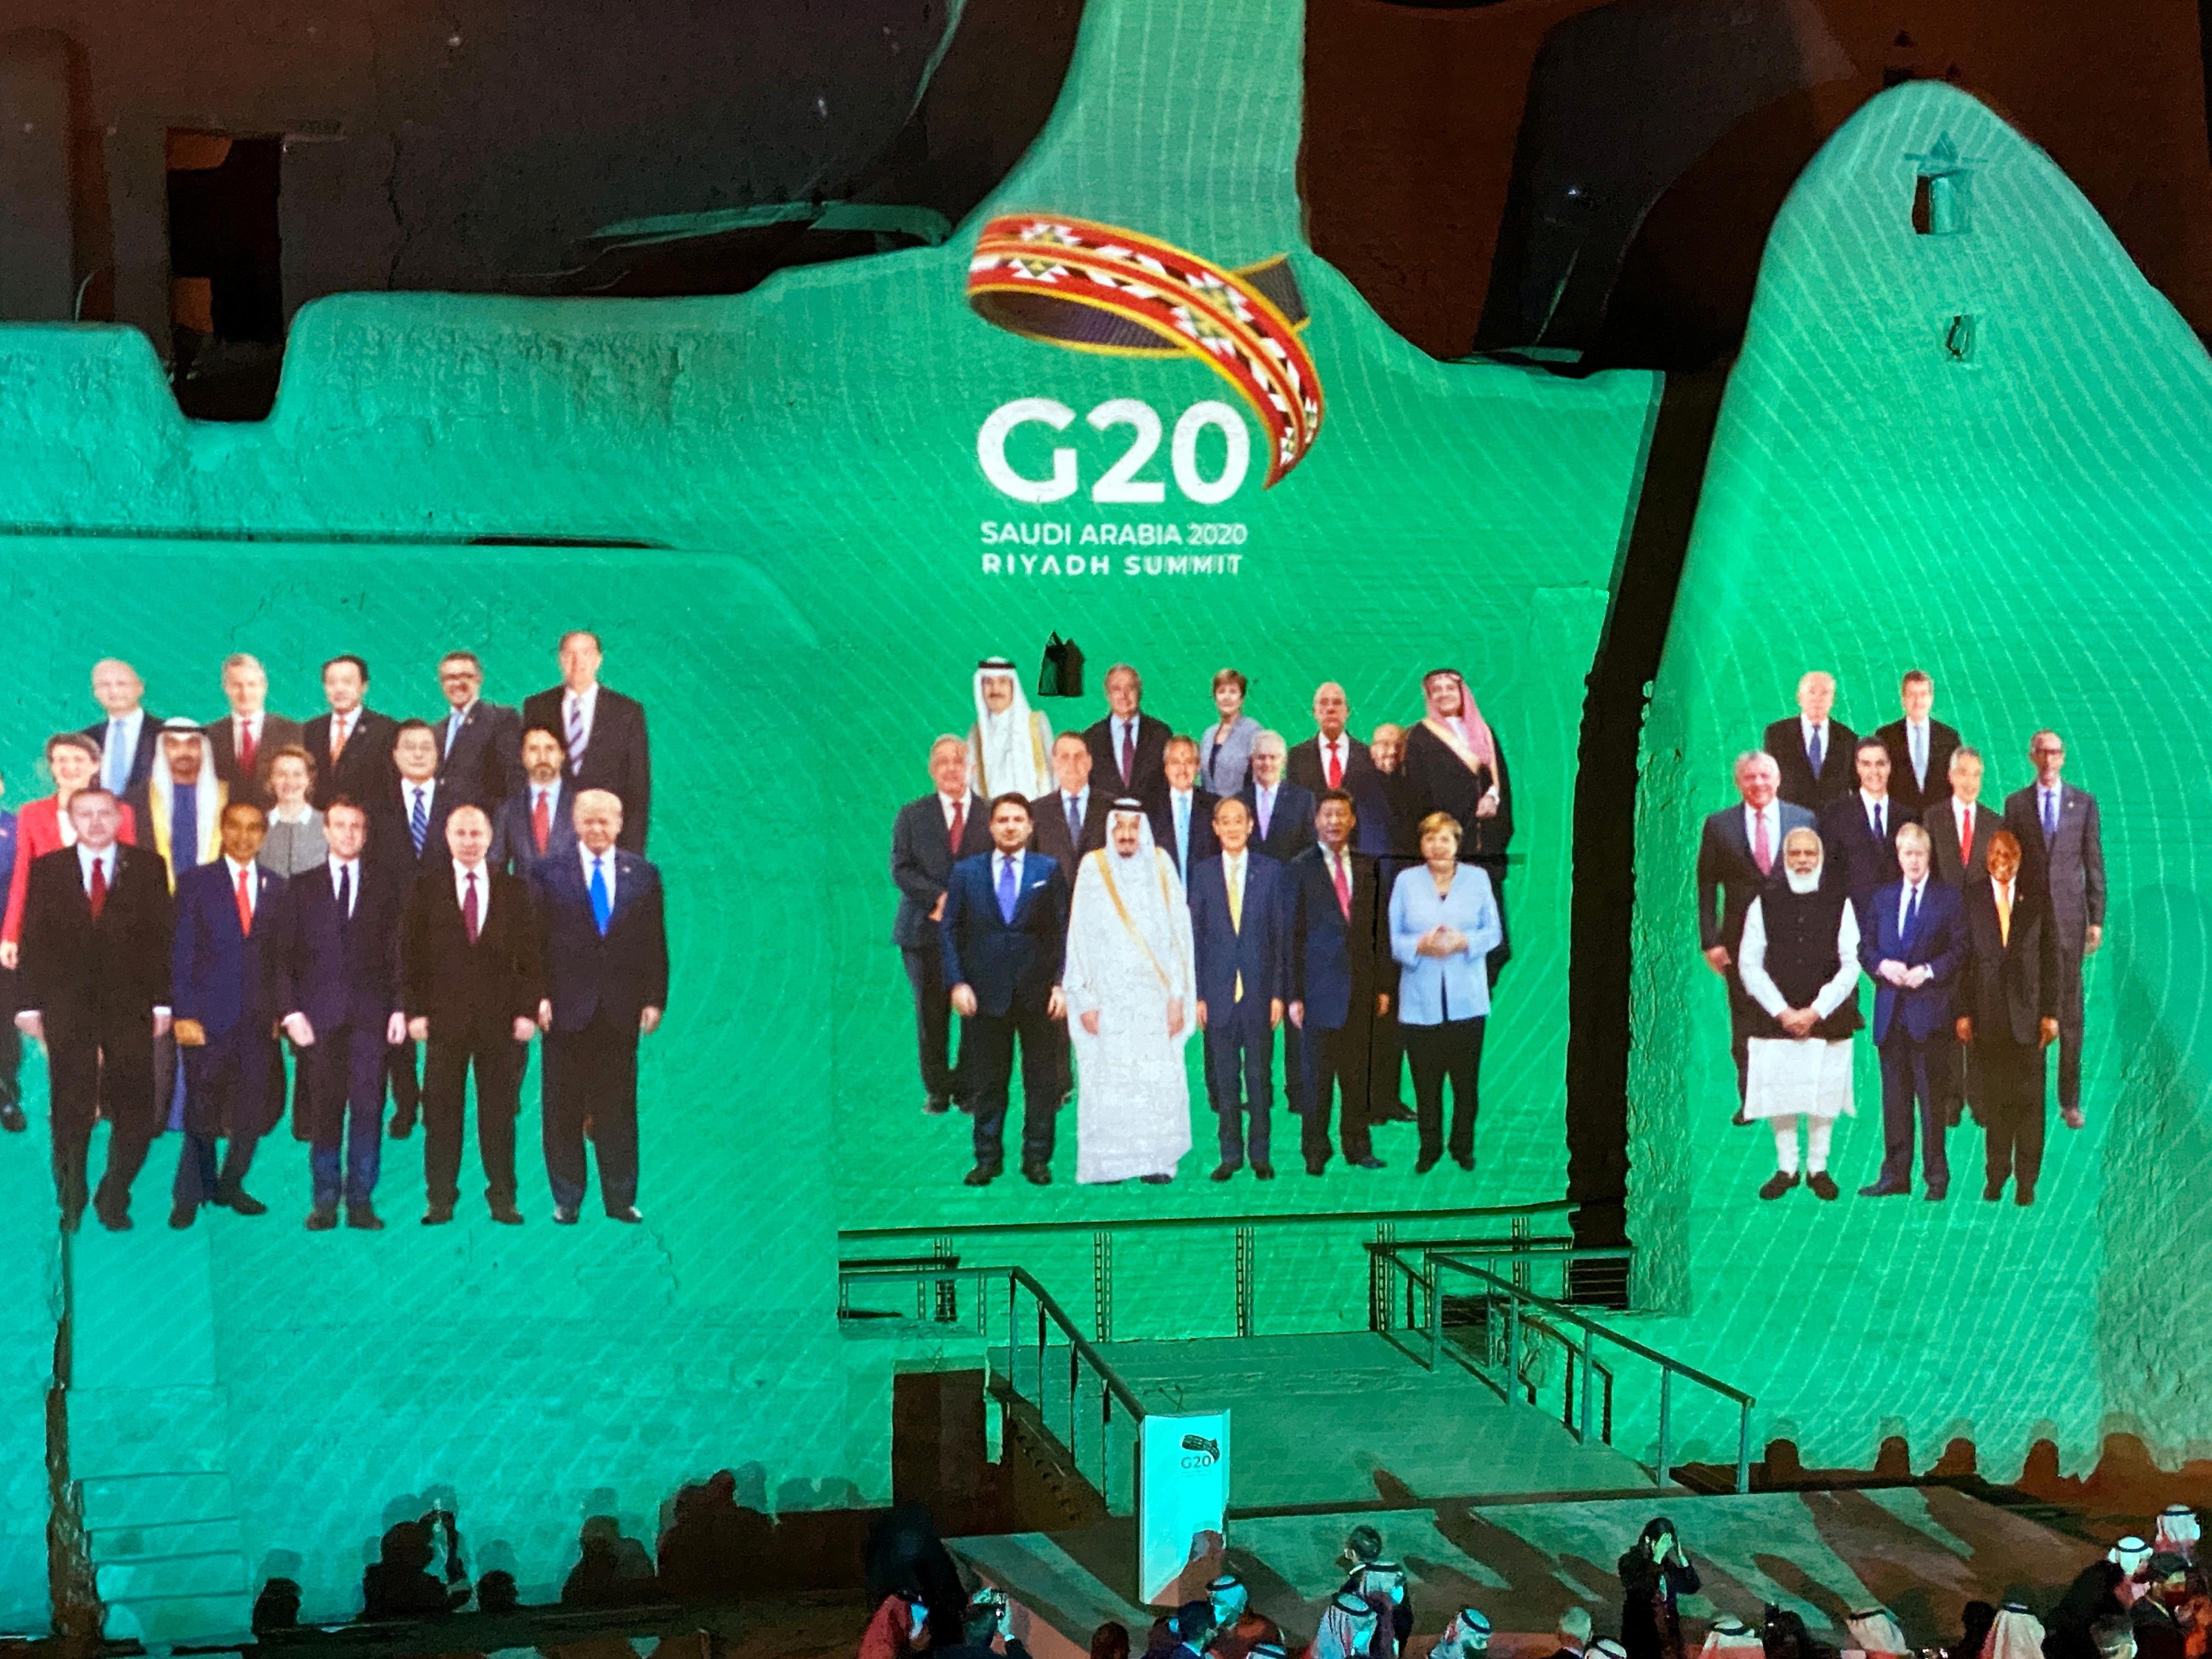 """受新冠病毒疫情影响,G20峰会以视讯方式进行。图为G20沙地阿拉伯峰会""""全家福照""""投影。-路透社-"""